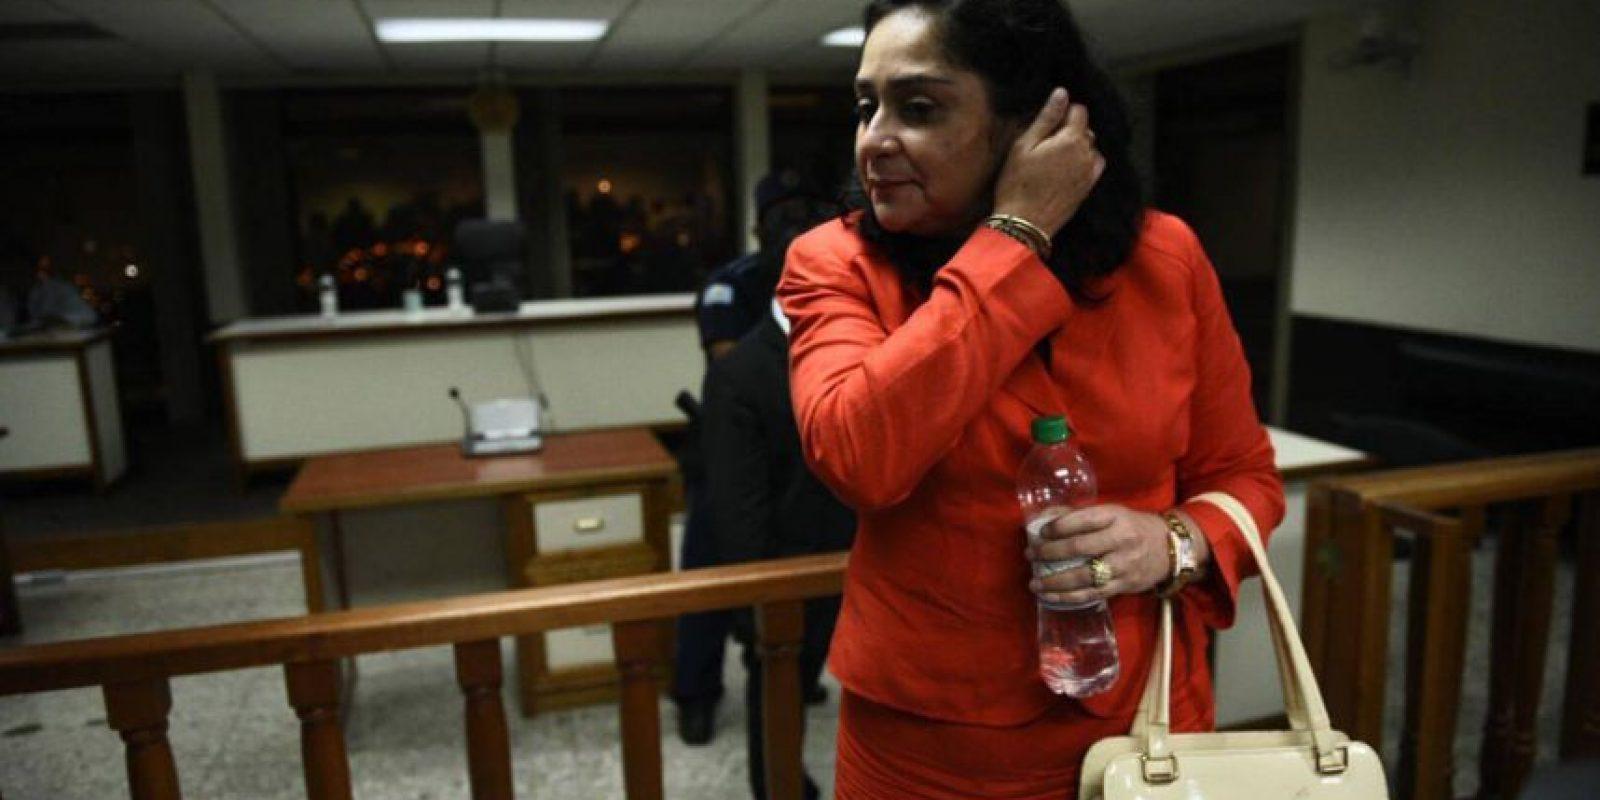 Jueza es condenada y sigue en libertad Foto:Publinews